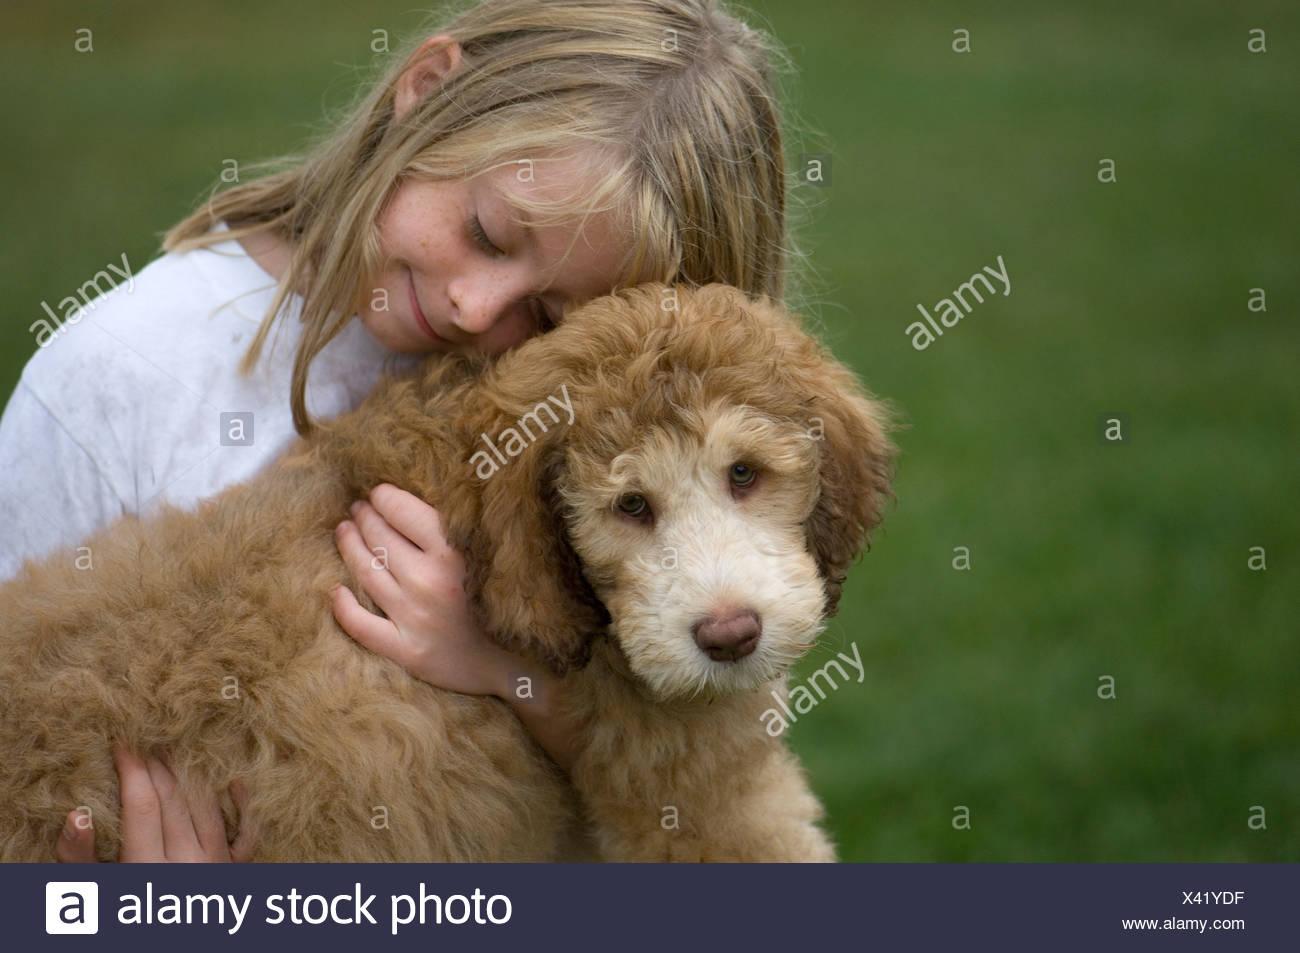 Una giovane ragazza trattiene il suo animale domestico fancy doodle cucciolo. Foto Stock